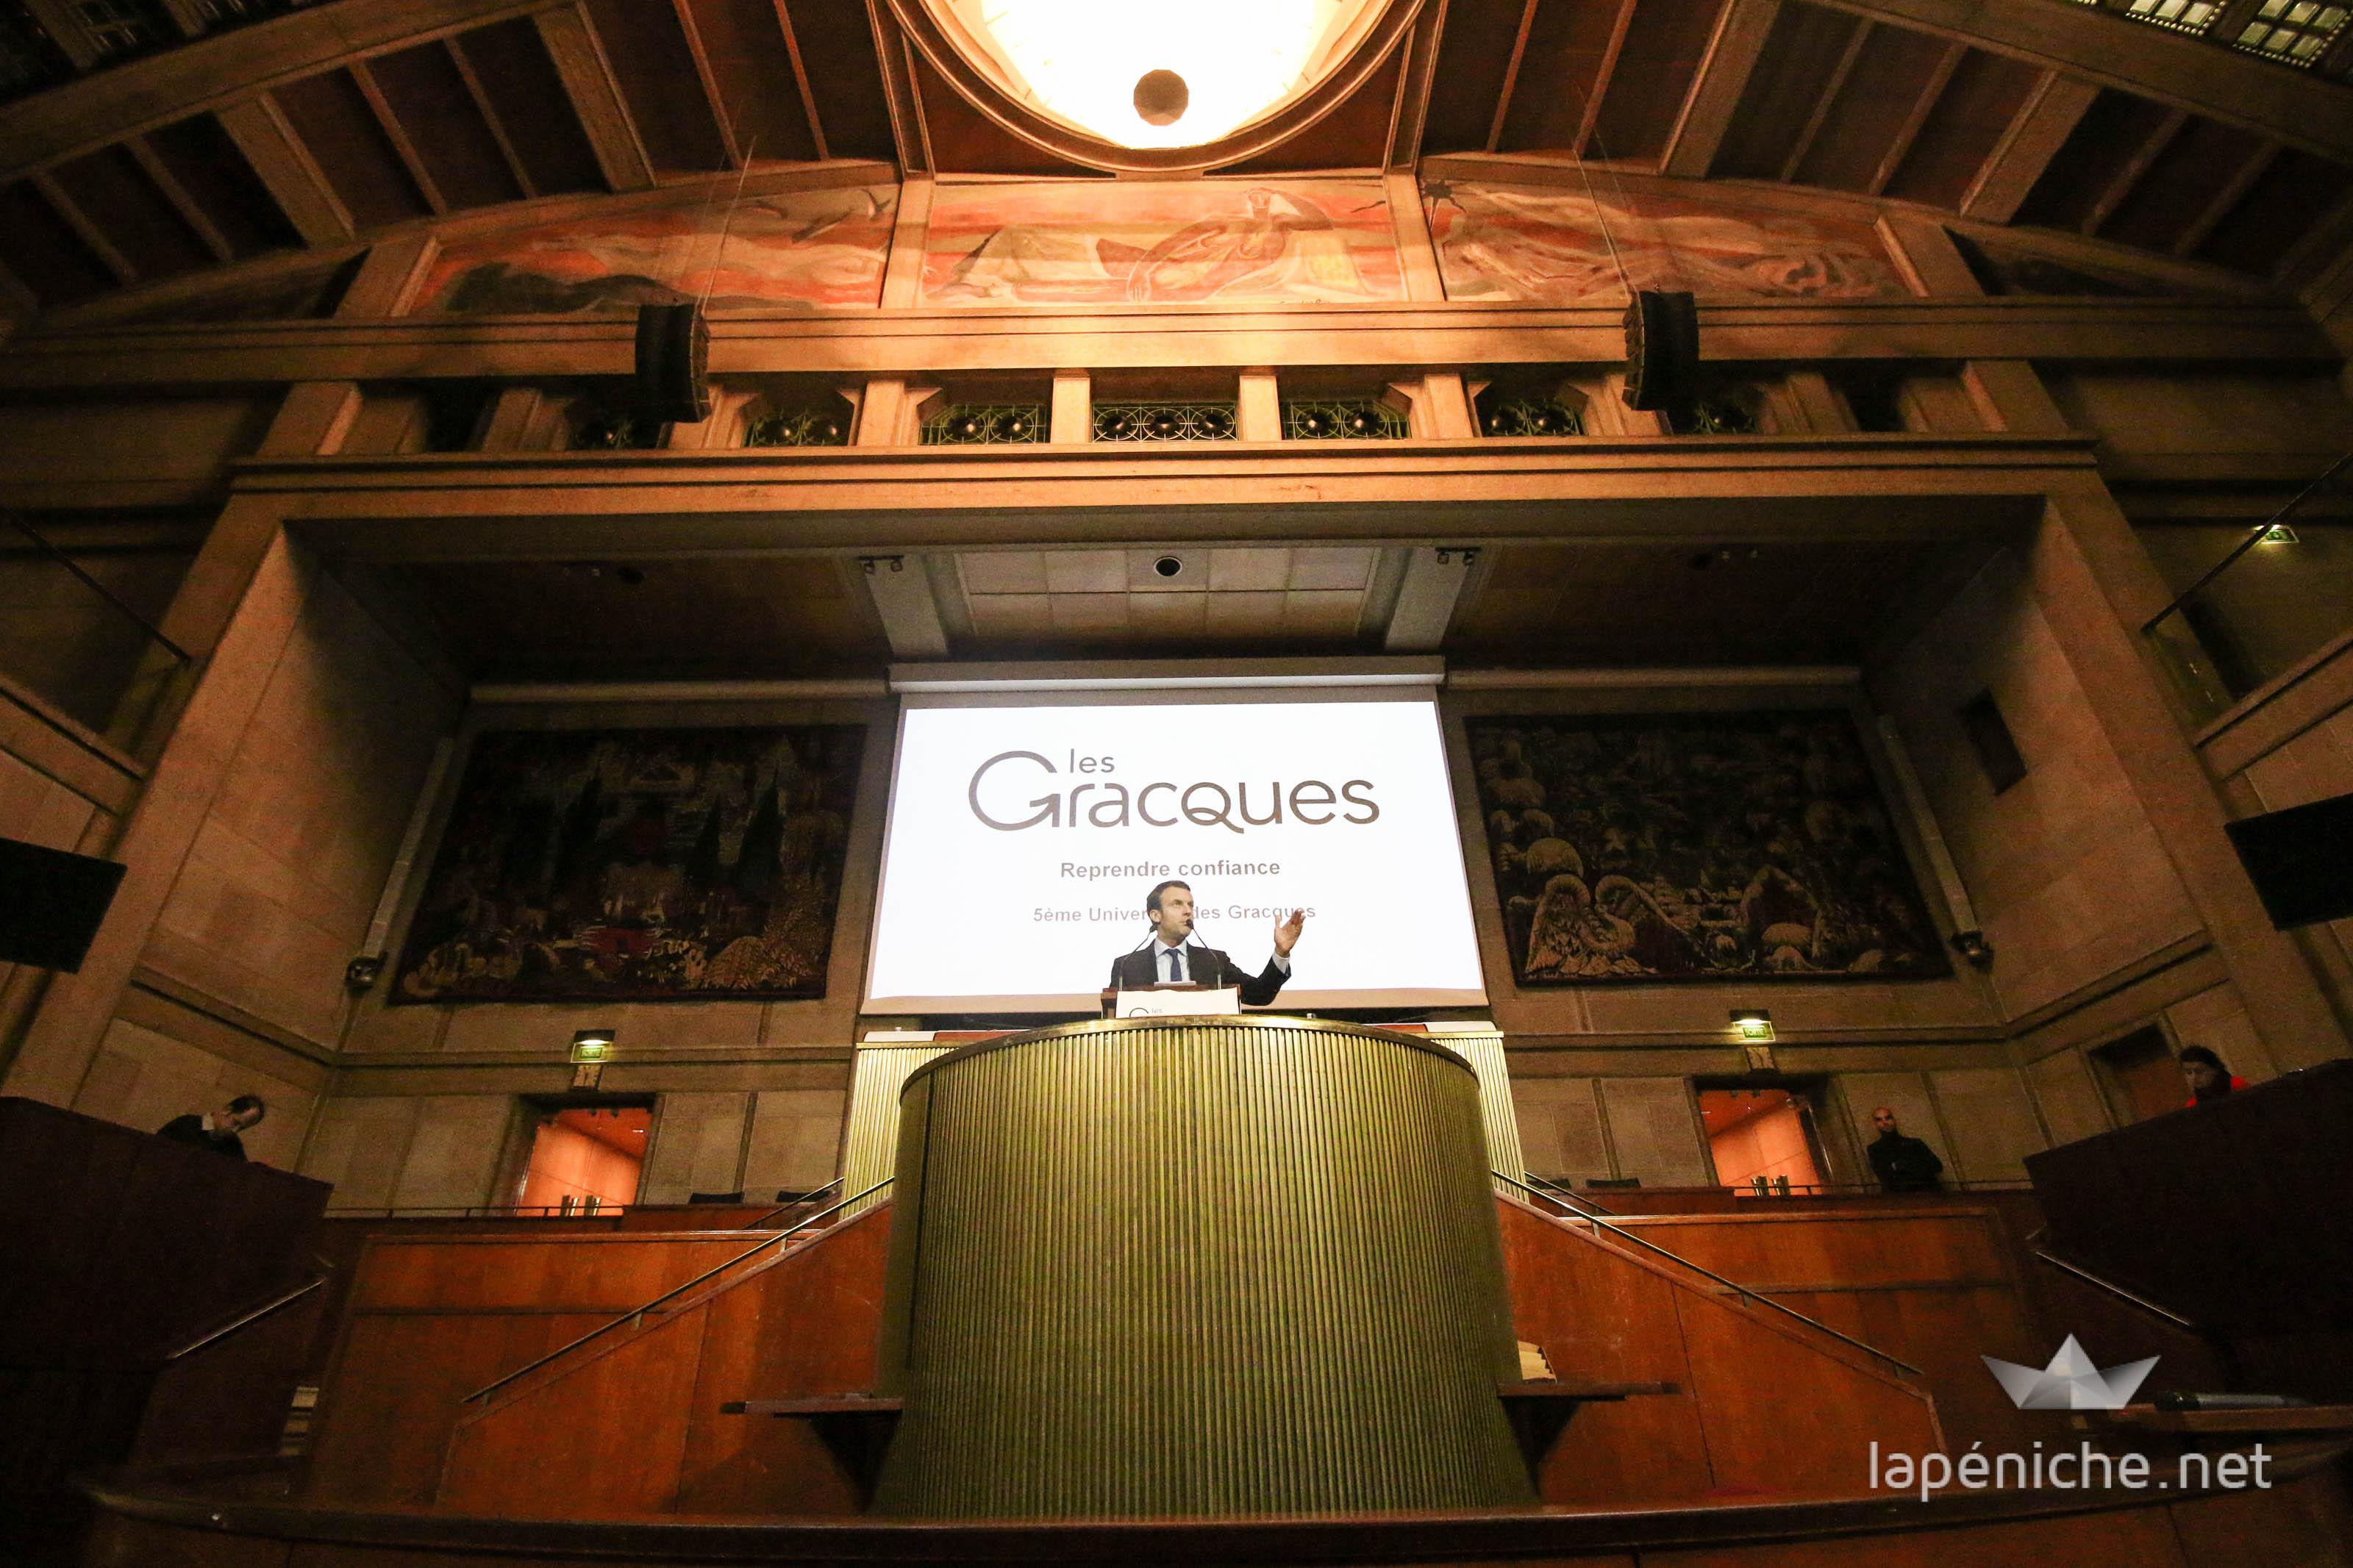 Emmanuel Macron s'exprime lors de la 5e Université des Gracques au Conseil Économique, Social et Environnemental, Samedi, 21 novembre 2015, à Paris.